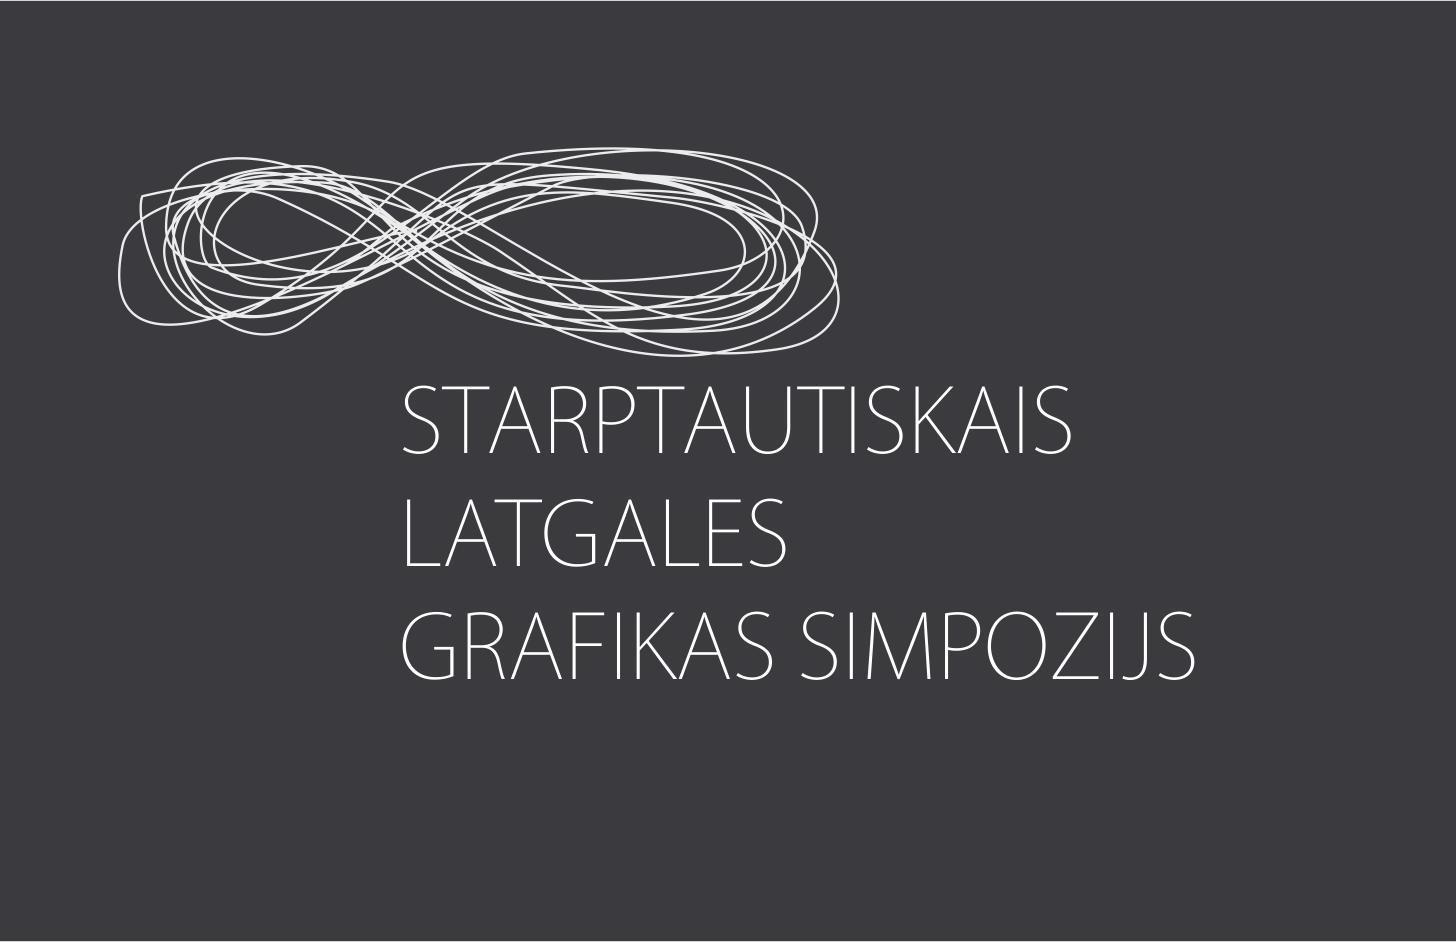 Daugavpilī sākas starptautiskais Latgales grafikas simpozijs